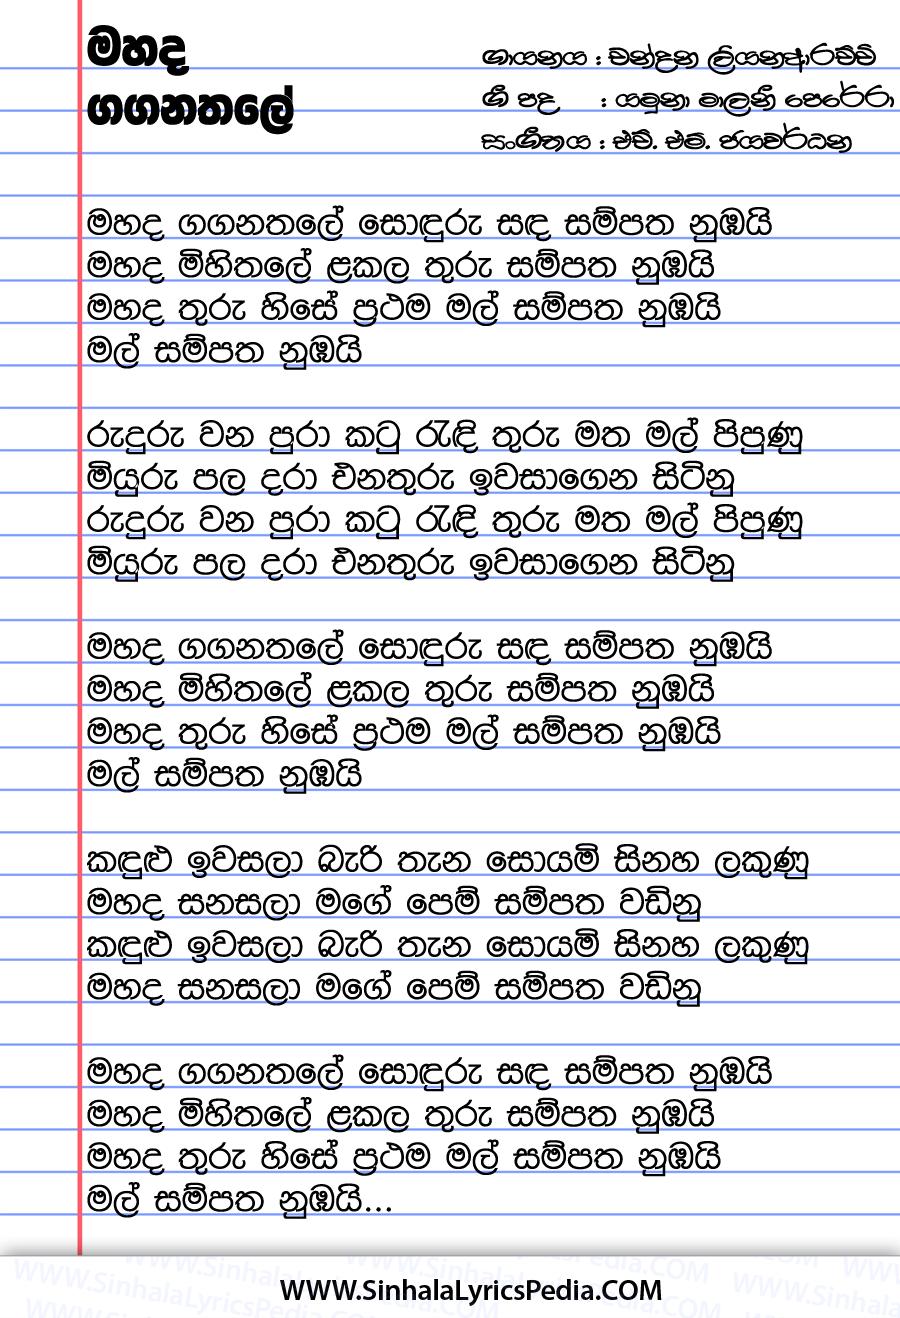 Mahada Gagana Thale Sonduru Sanda Sampatha Nubai Song Lyrics